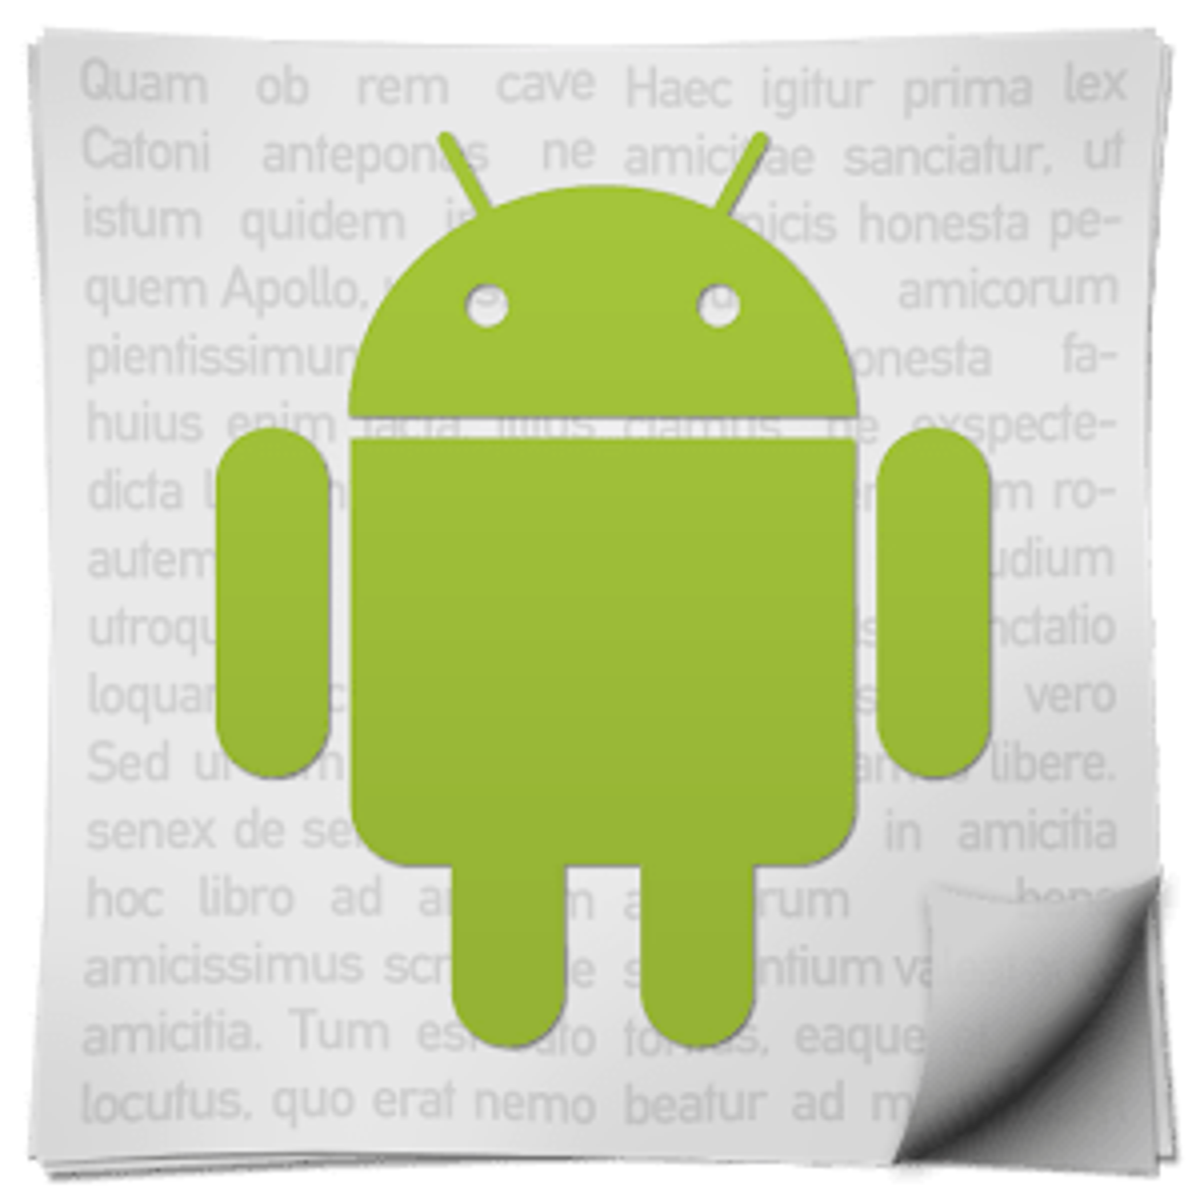 Noticias sobre Android